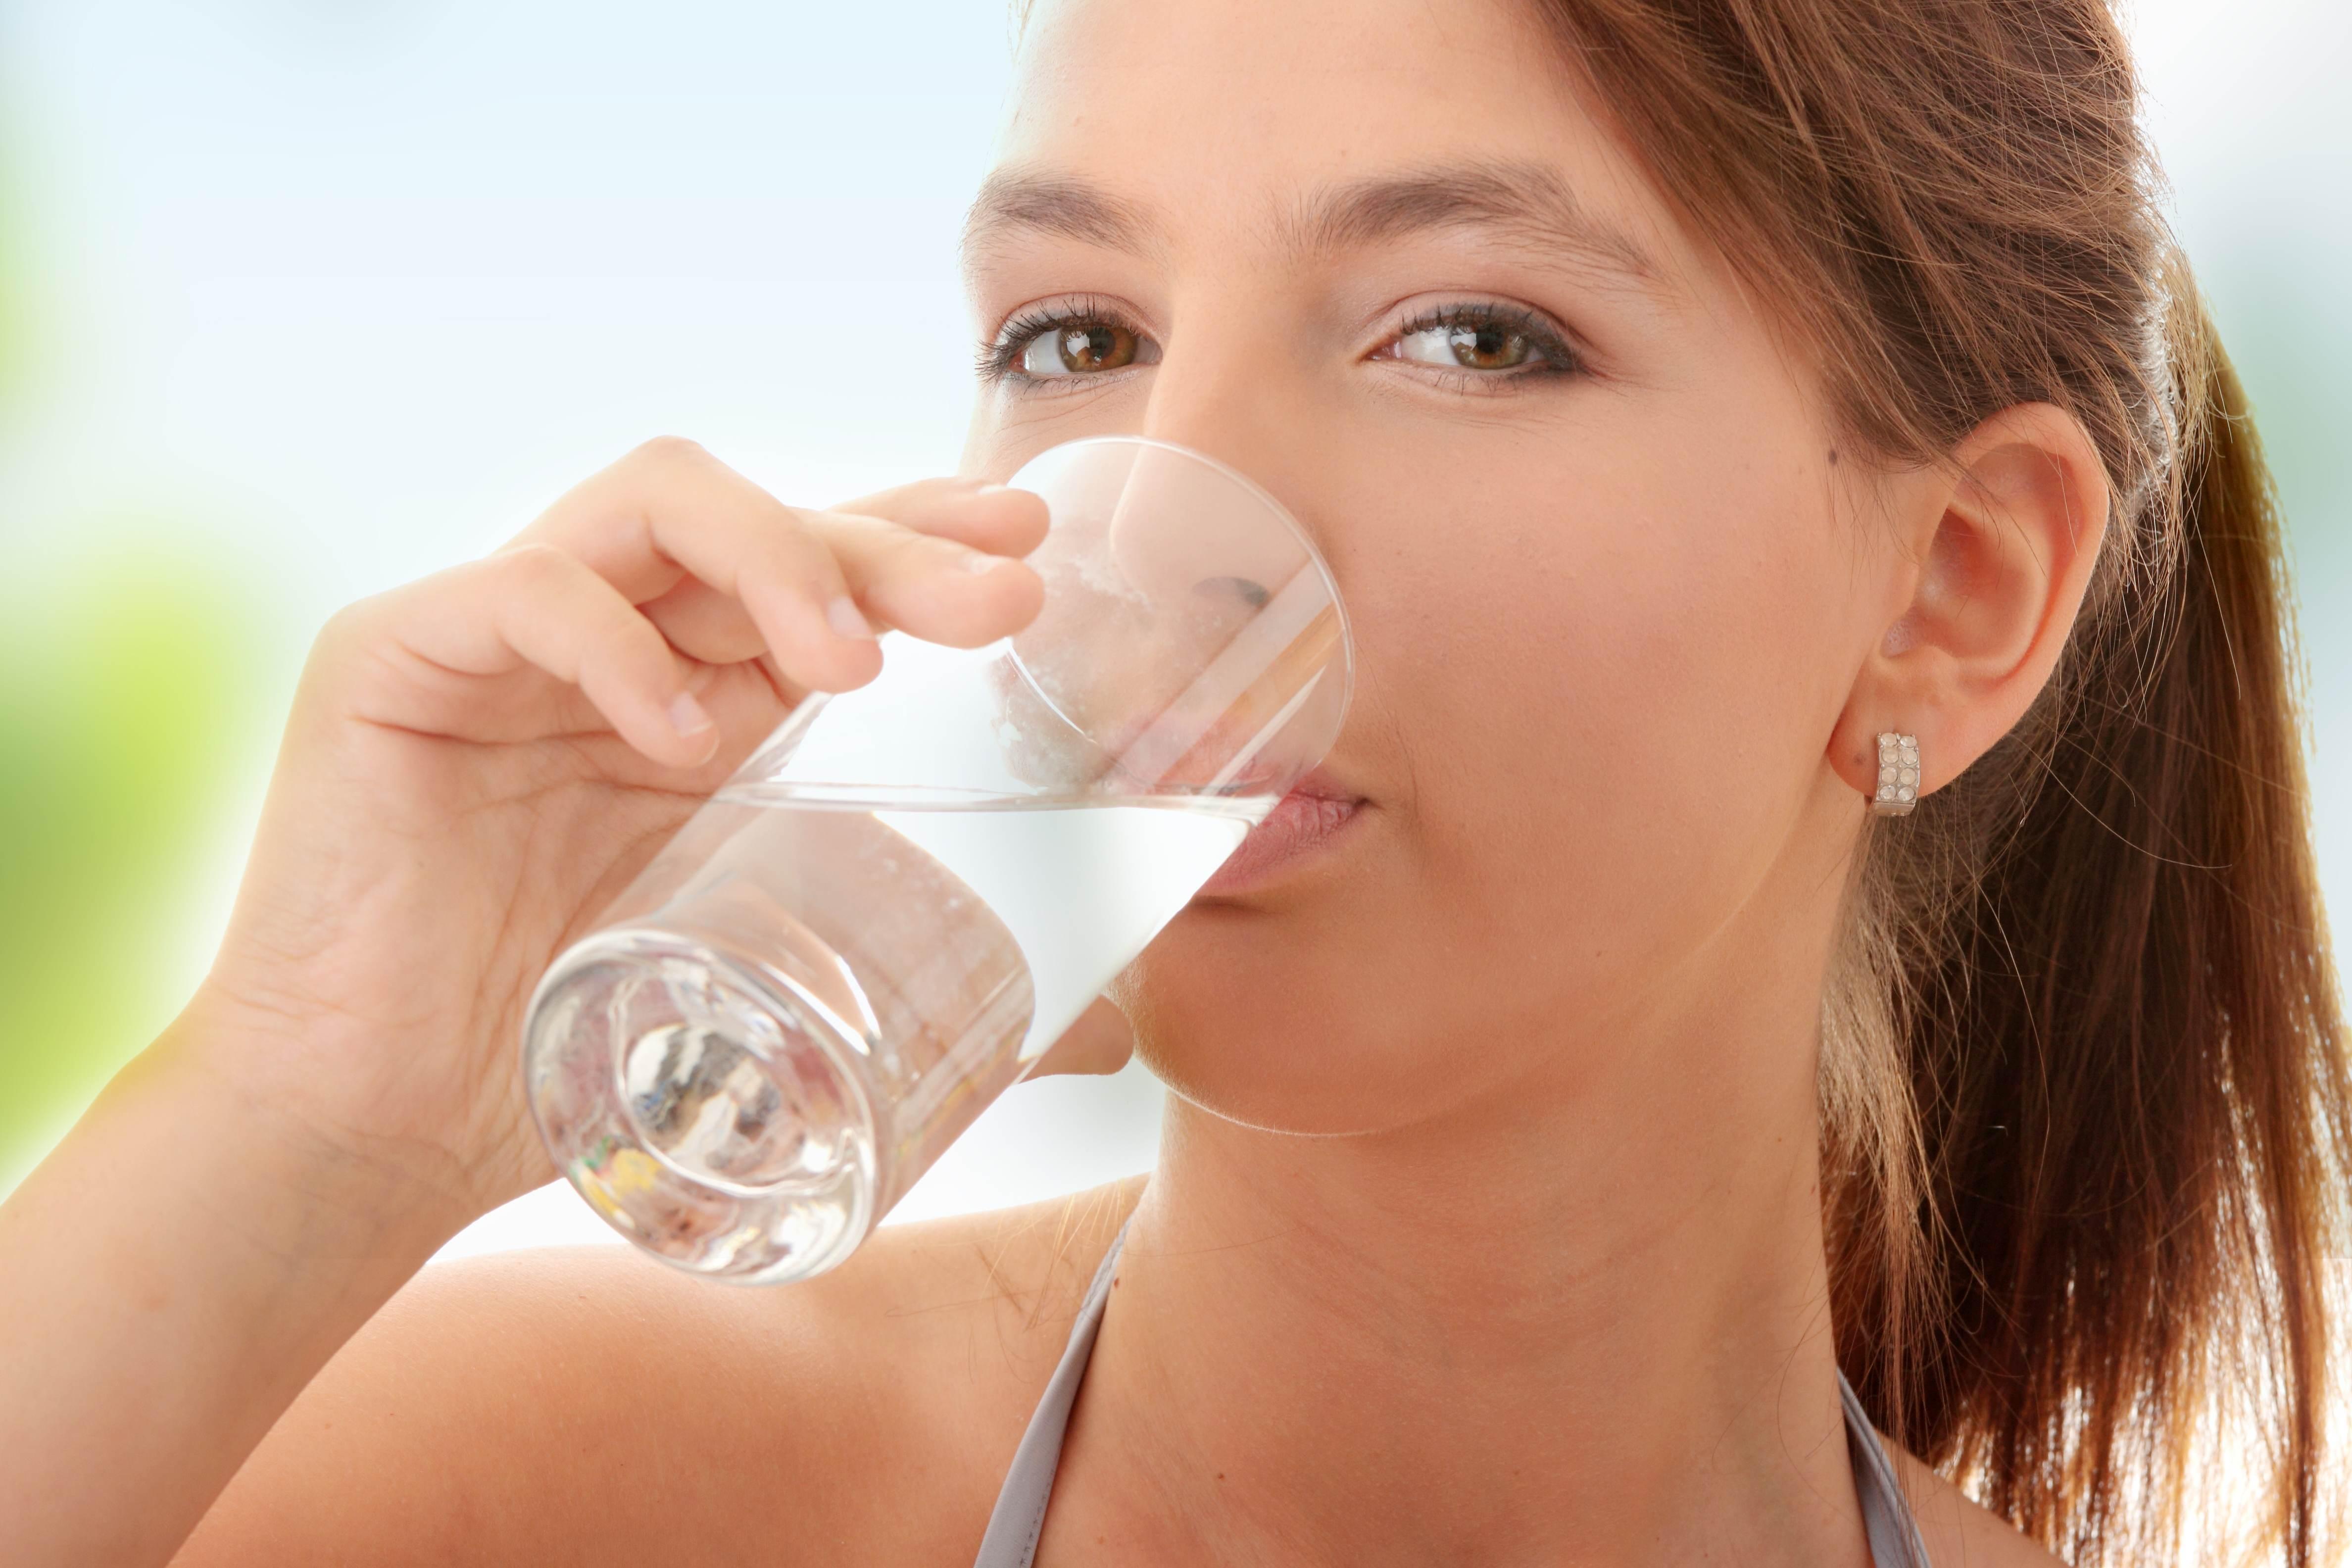 femeie bea apa